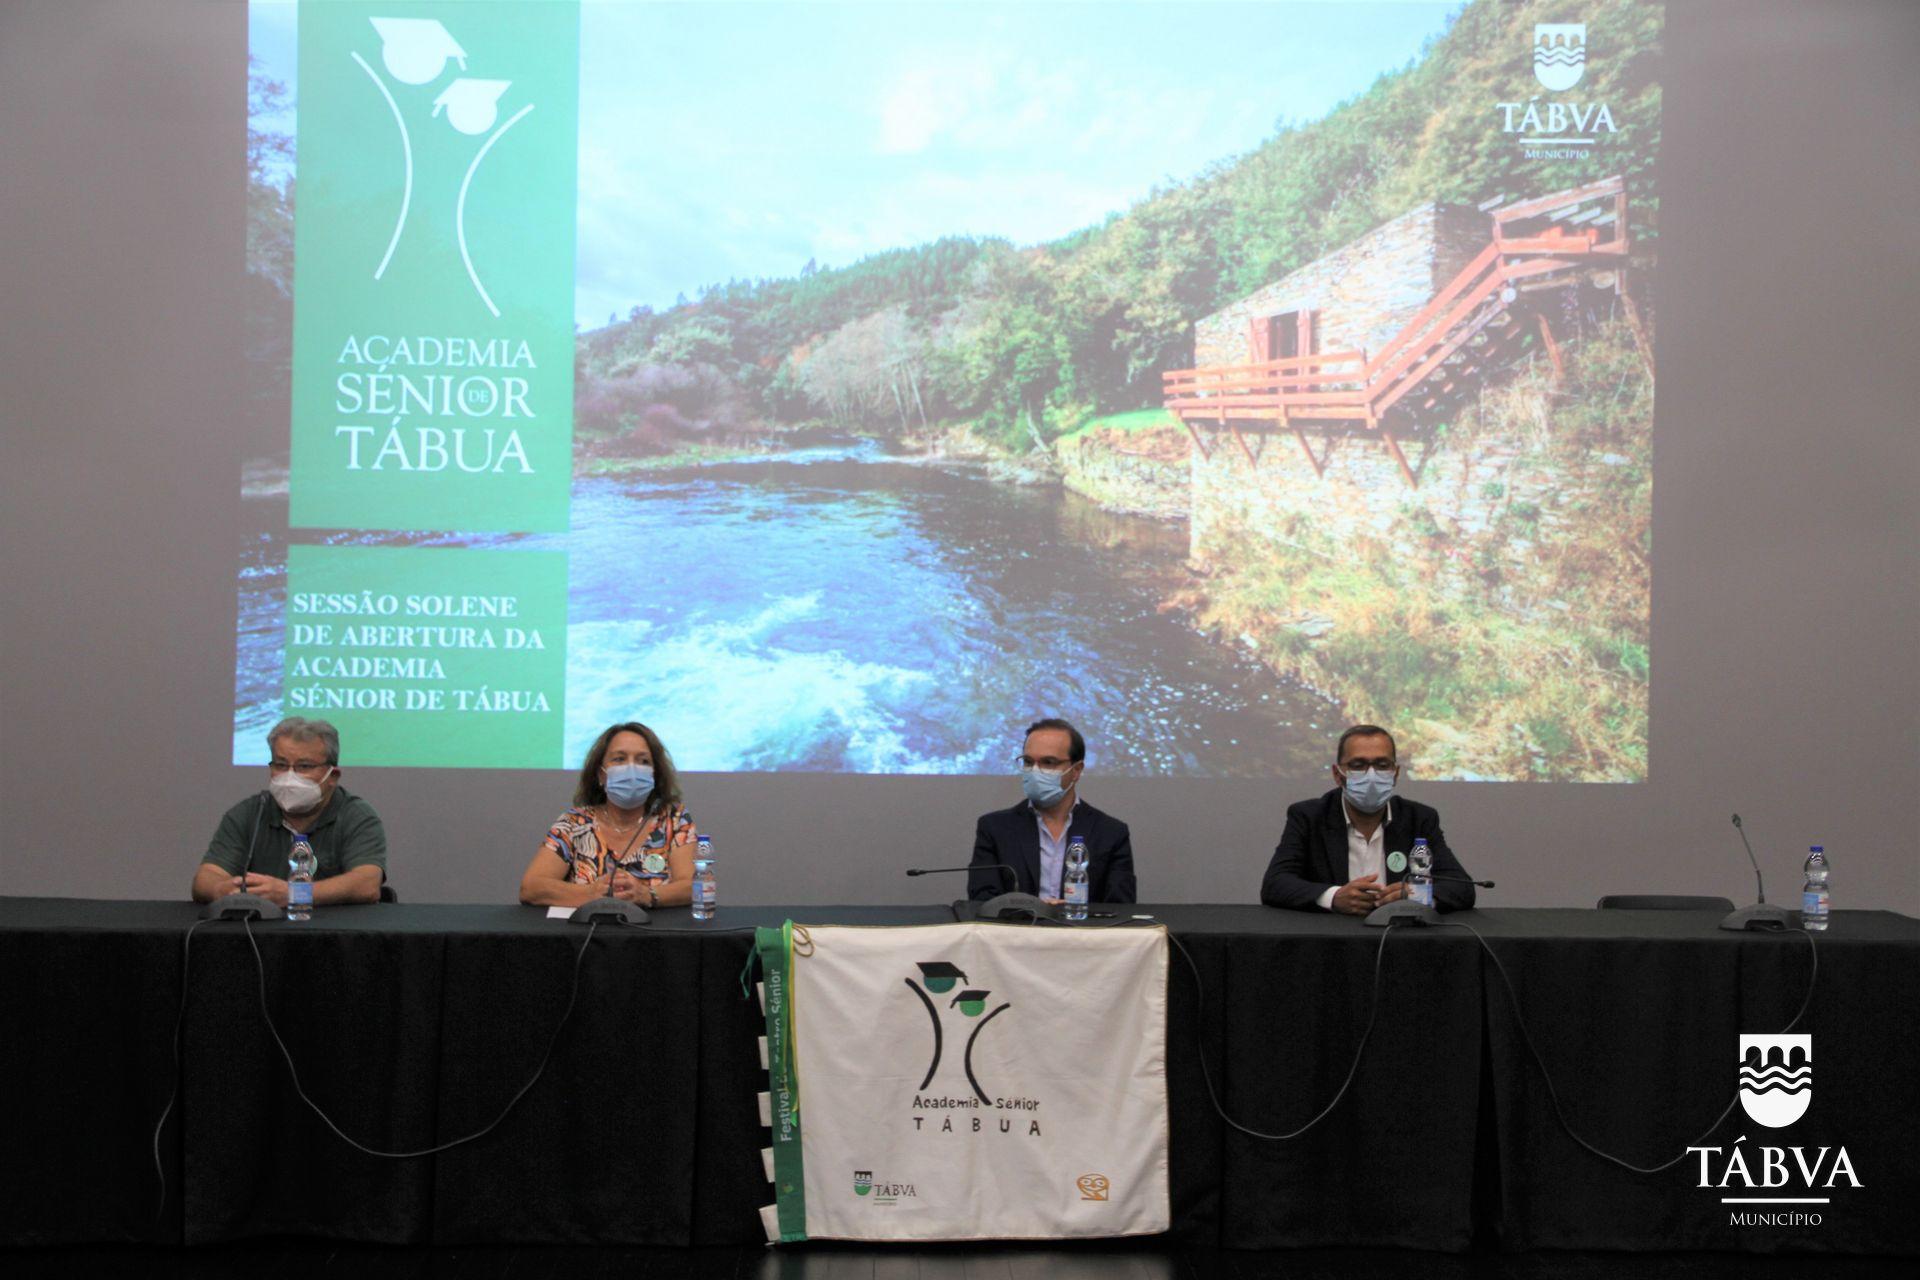 (Português) Academia Sénior de Tábua: abertura Ano Letivo